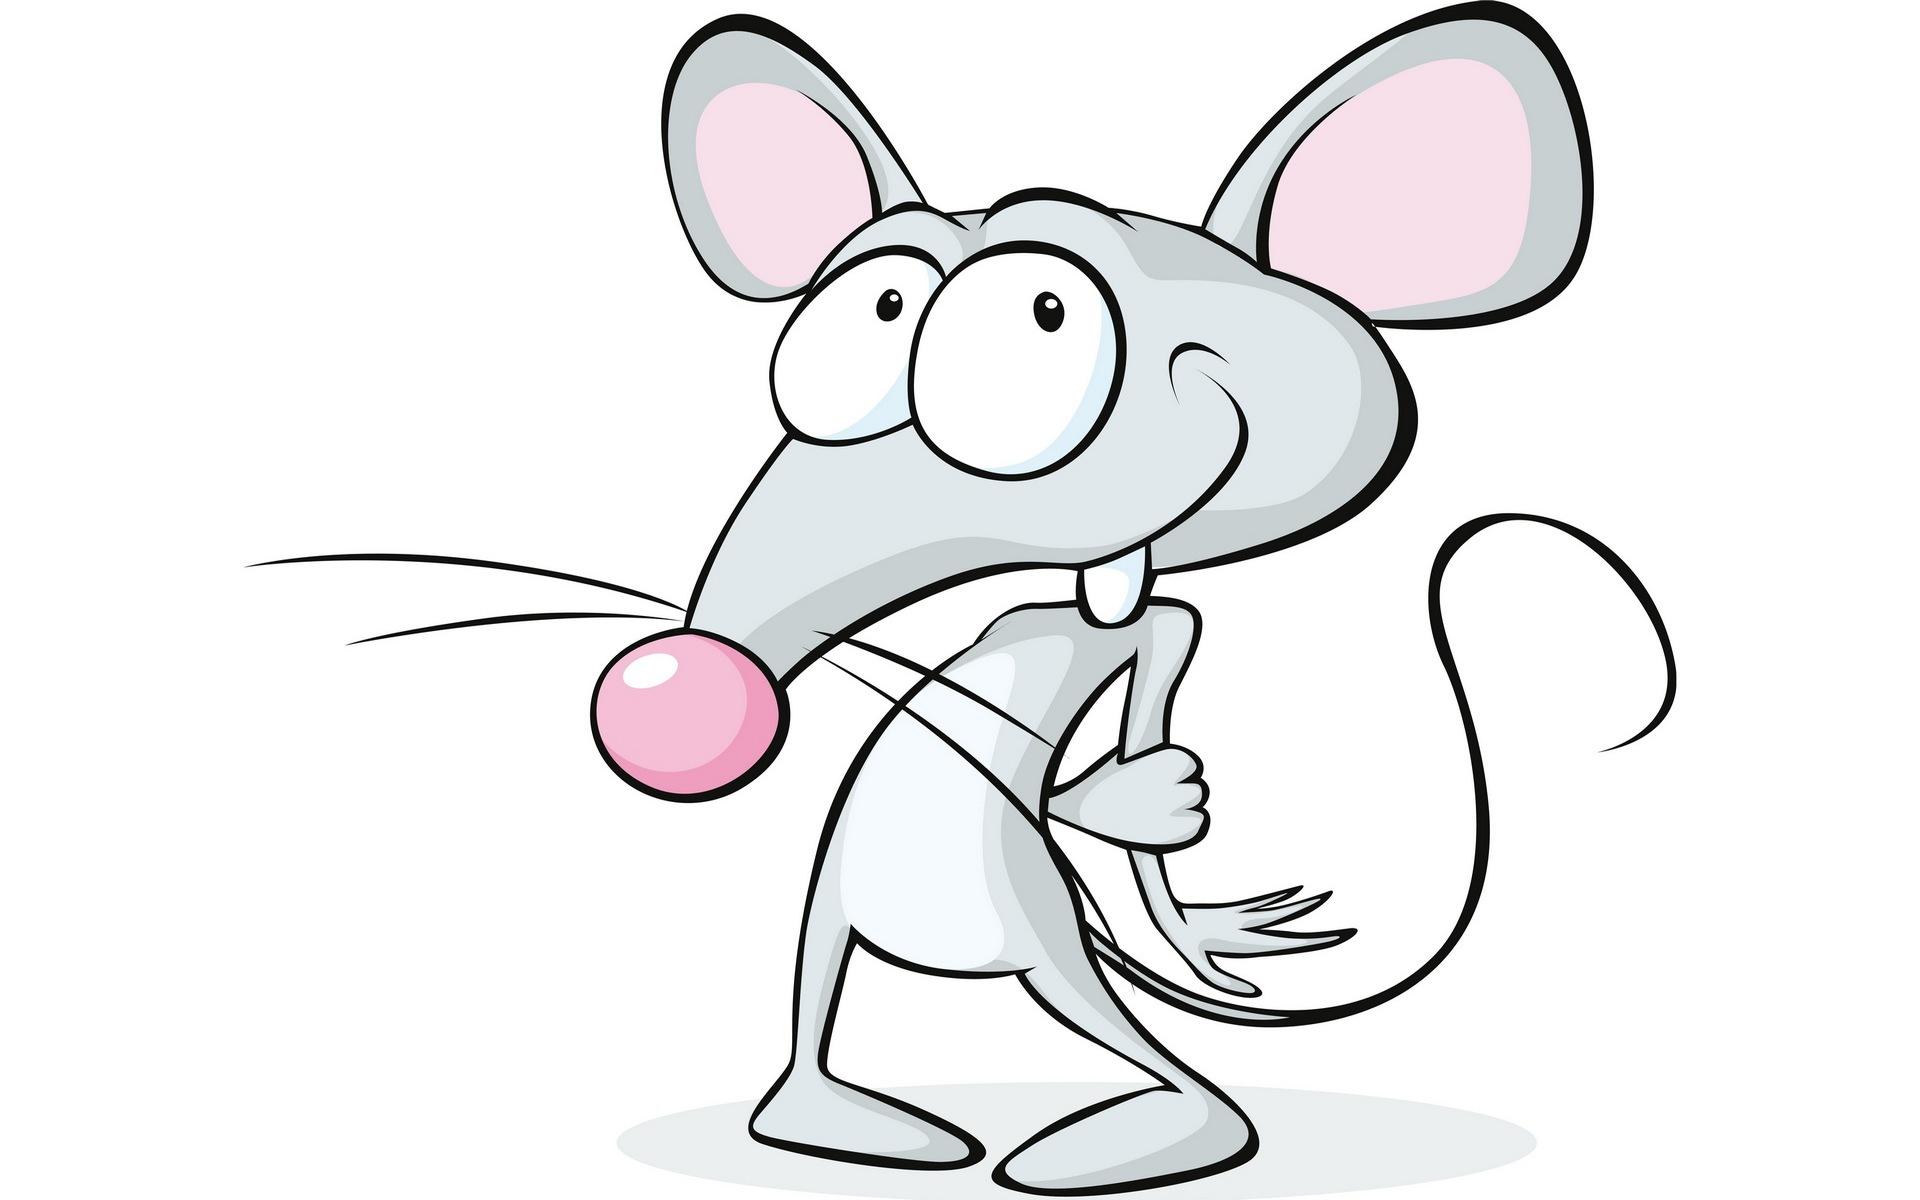 Прикольные, мыши смешные рисунки